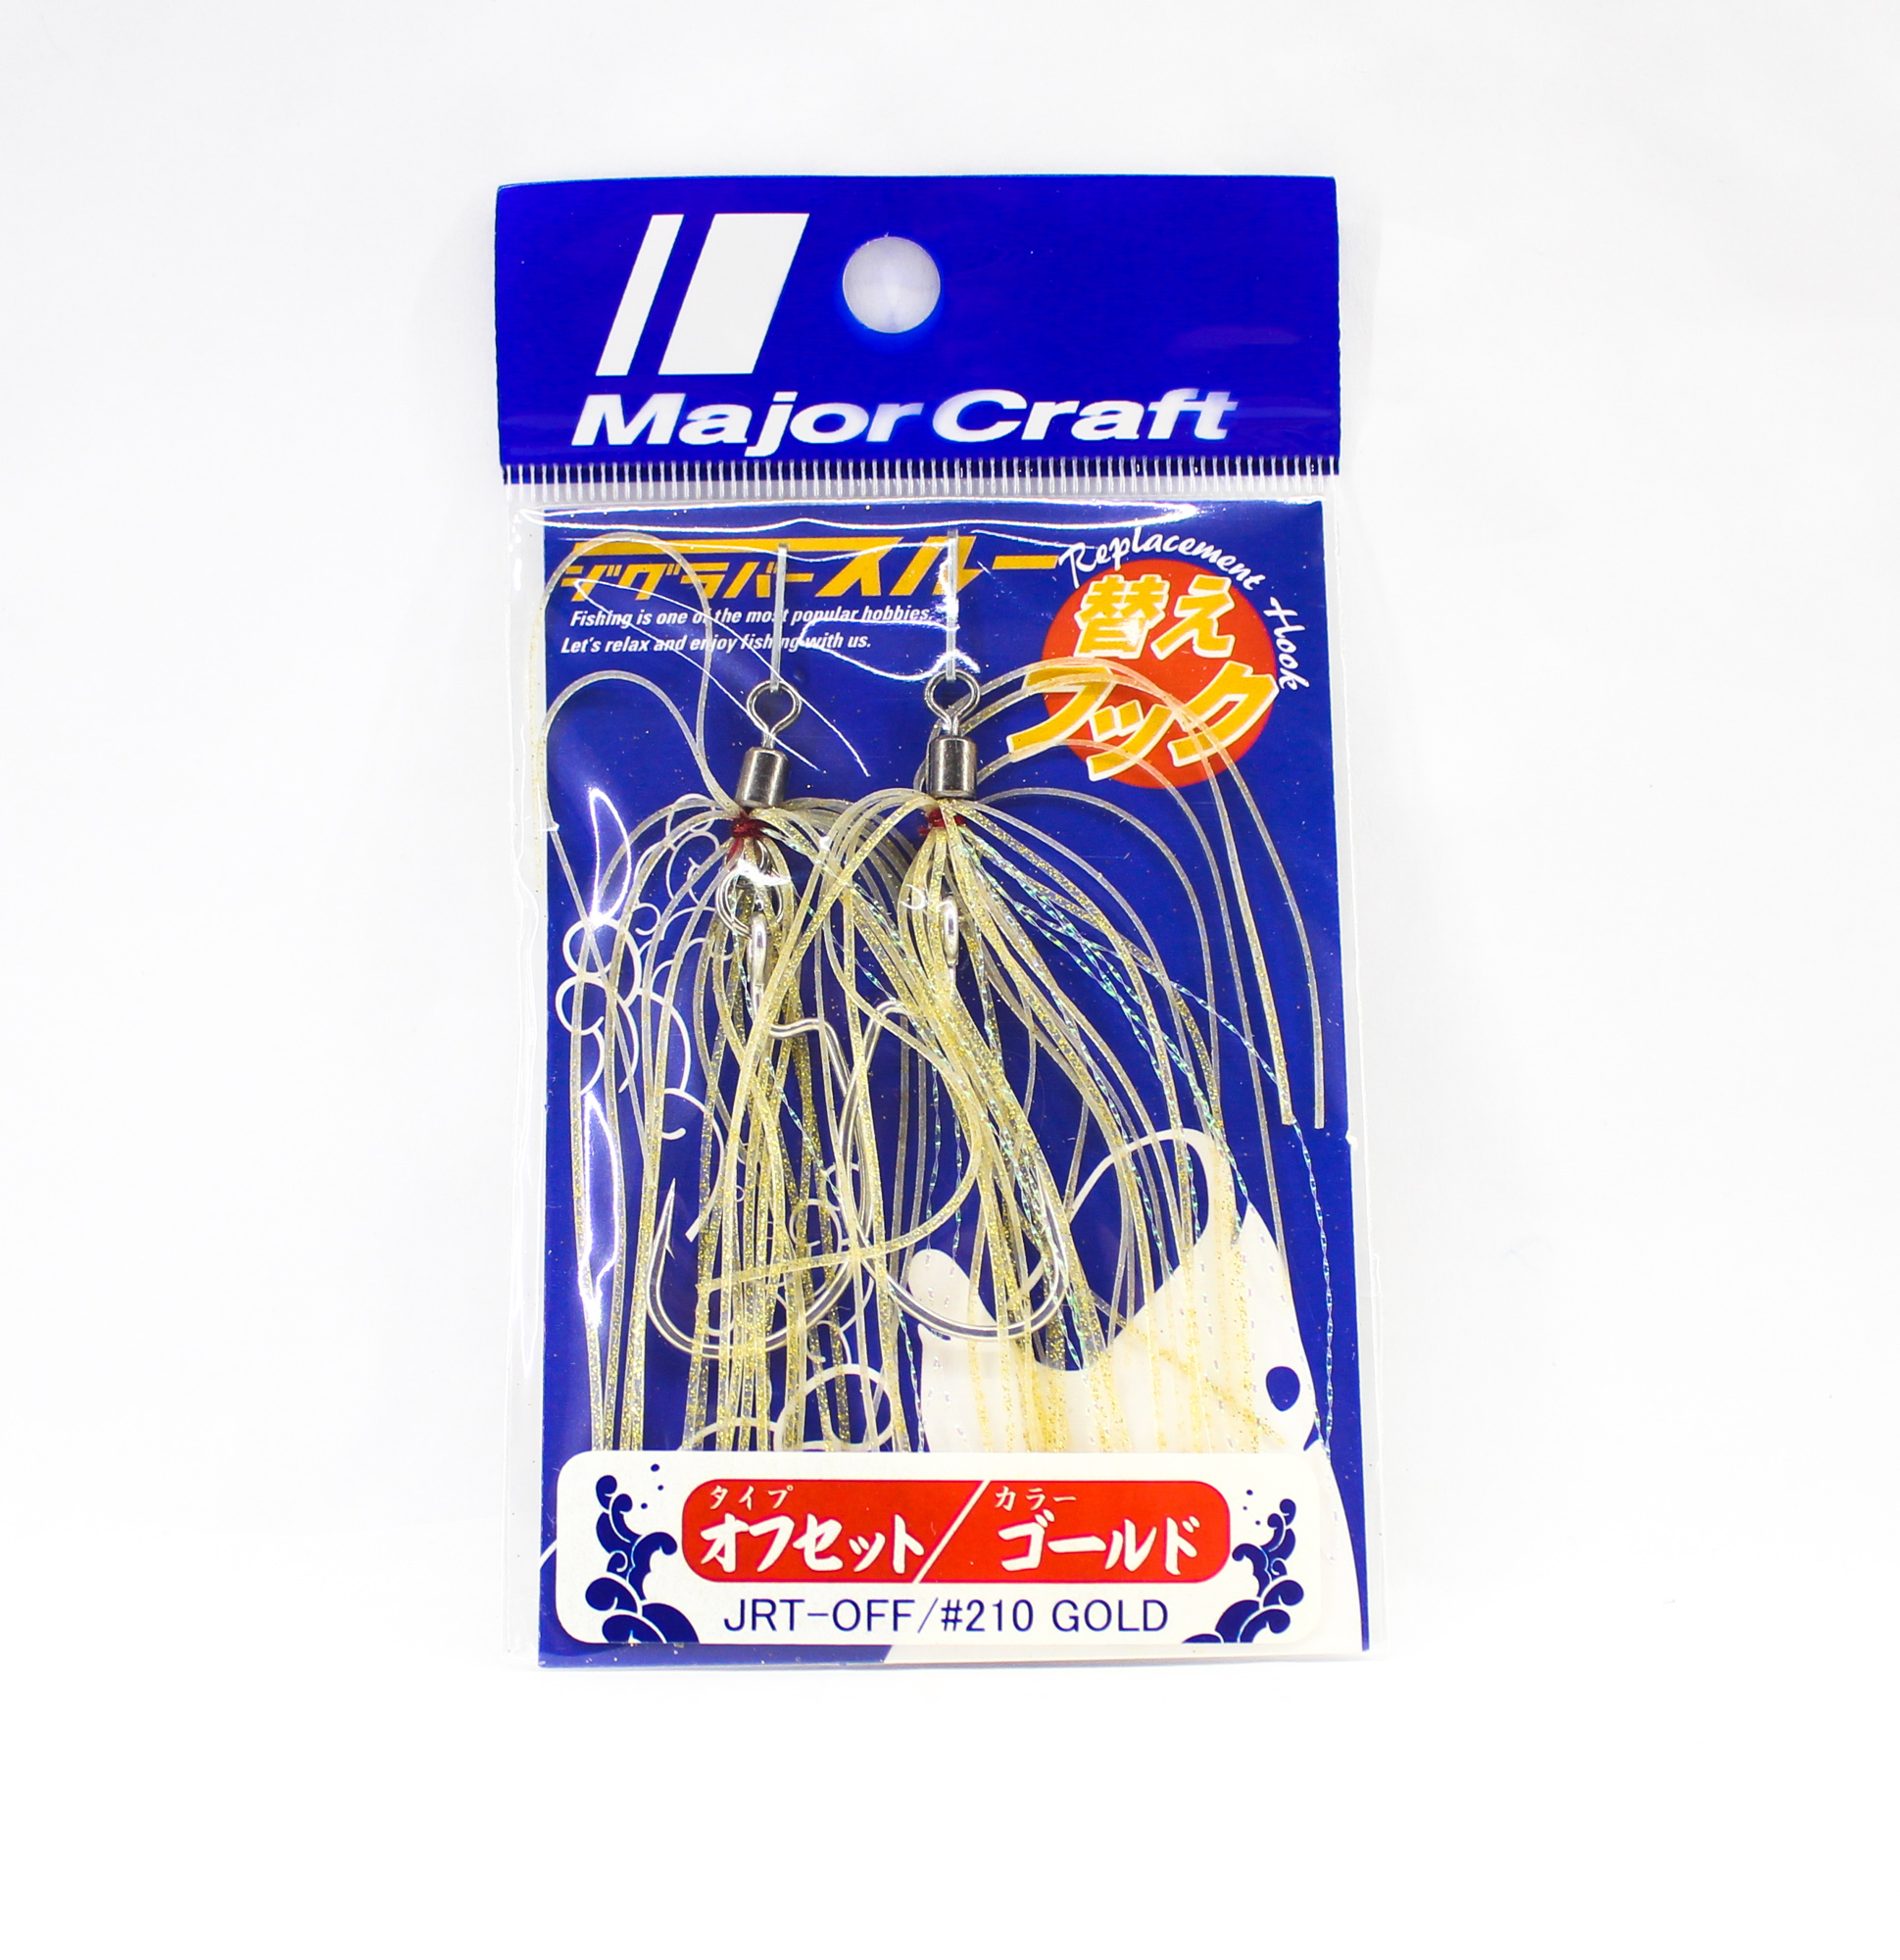 Major Craft Jig Rubber Skirt Replacement JRT-OFF 210 (4152)